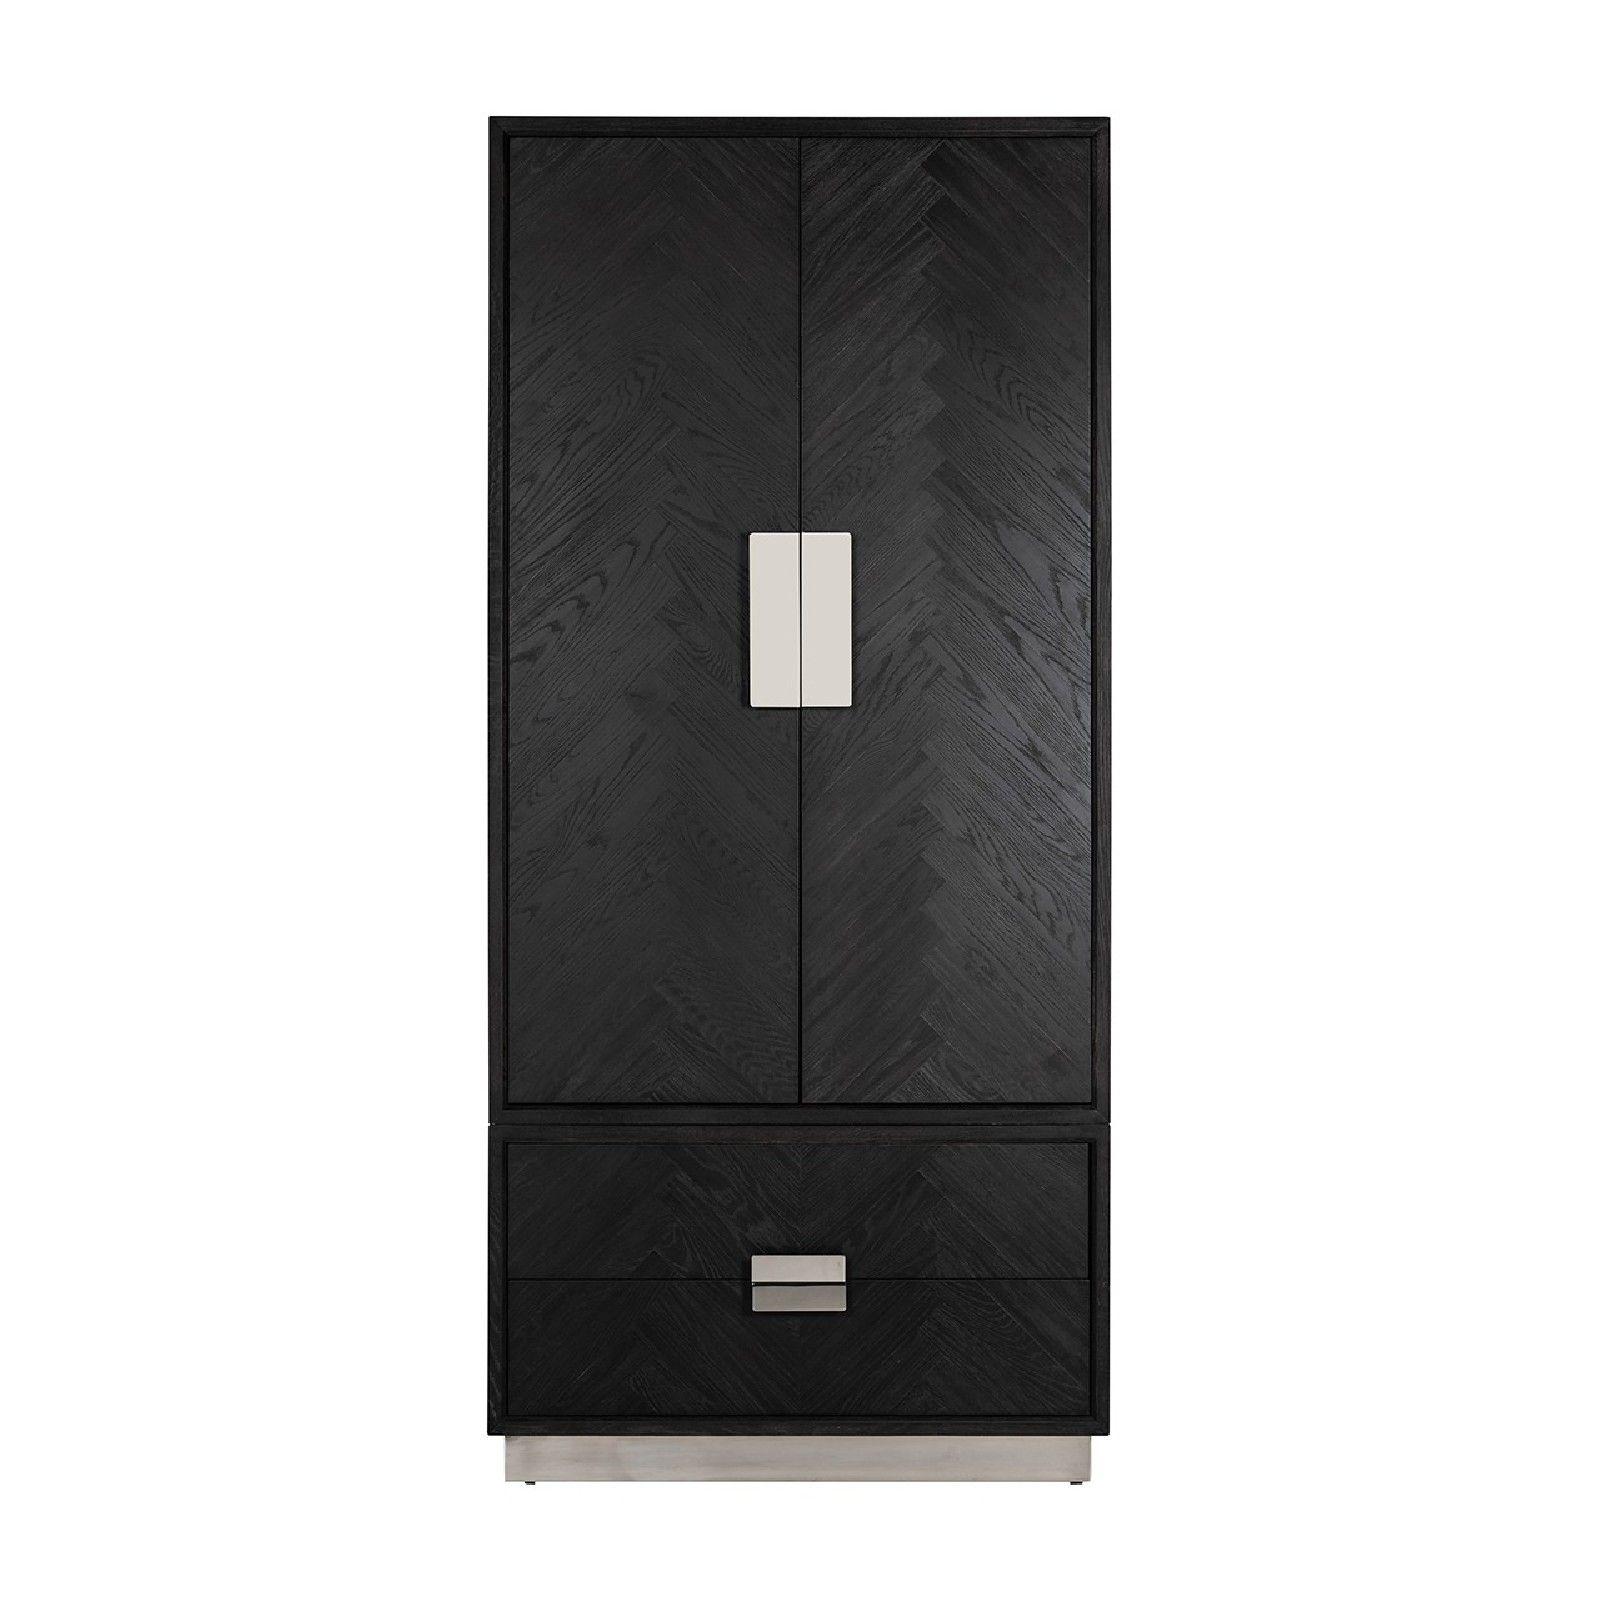 Armoire Blackbone silver avec 2-portes 2-tiroirsPour être utilisé avec des étagères ou suspendus Meuble Déco Tendance - 564